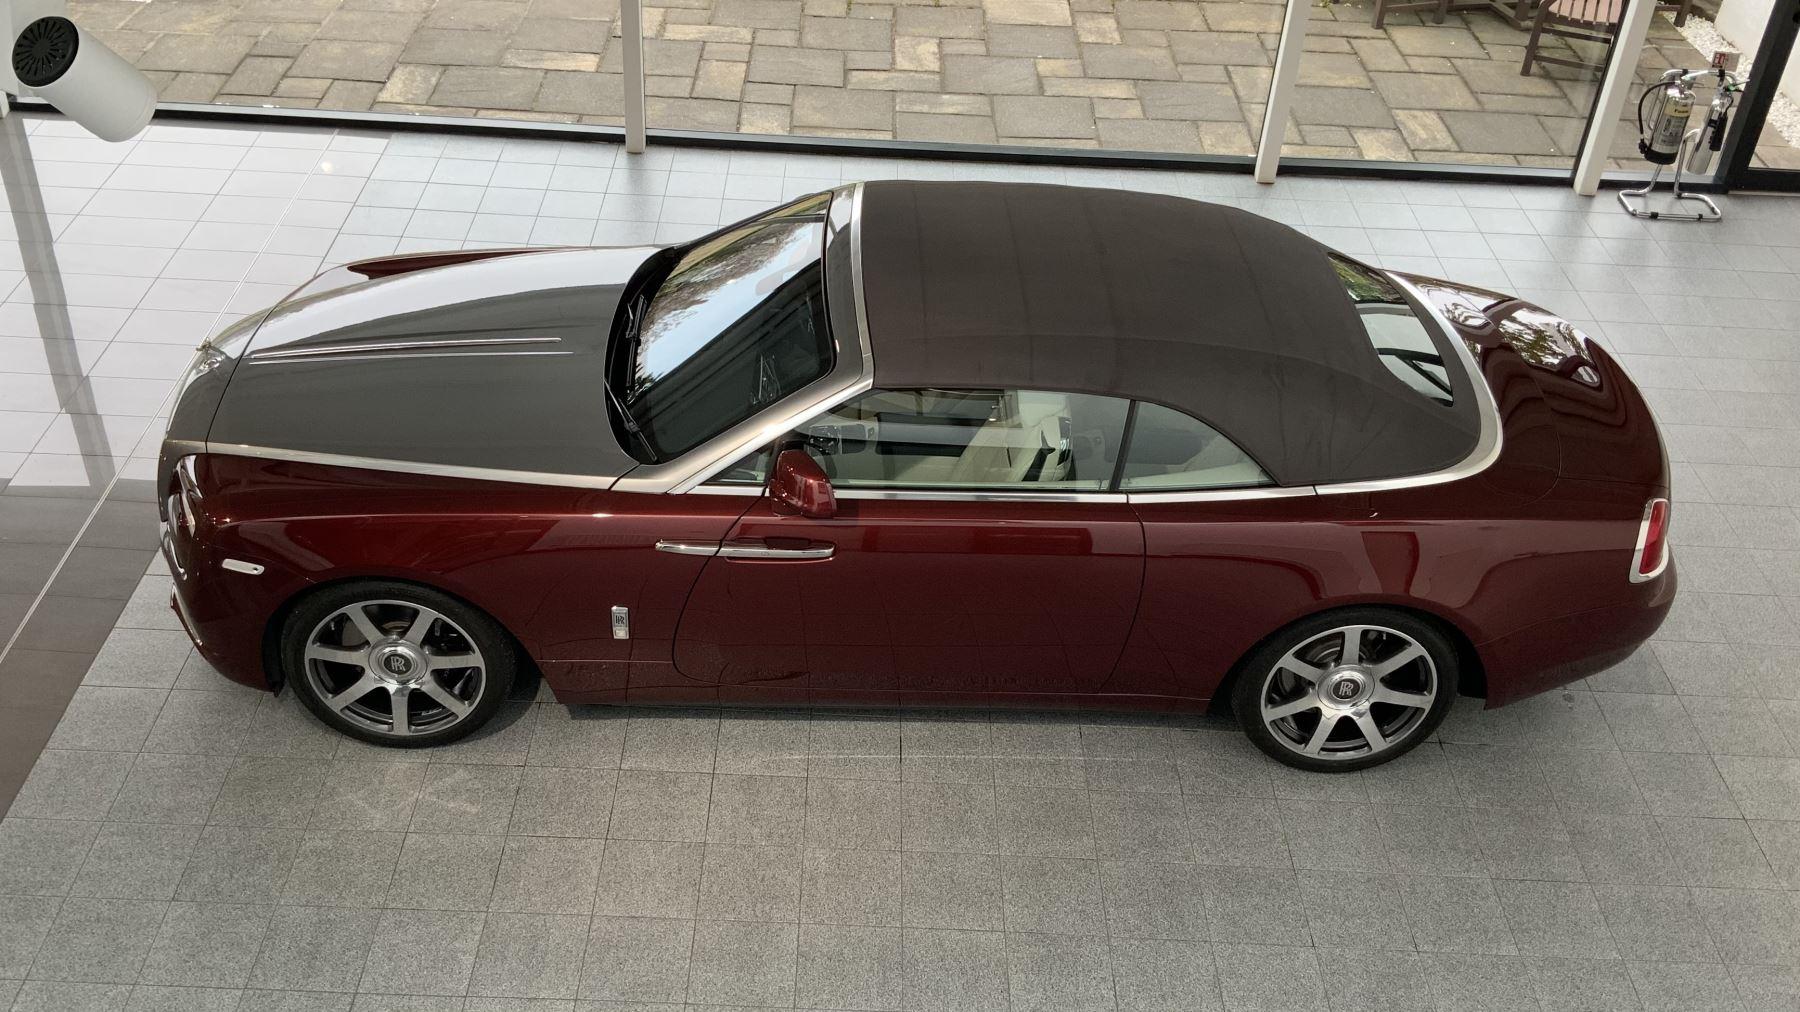 Rolls-Royce Dawn 2dr Auto image 7